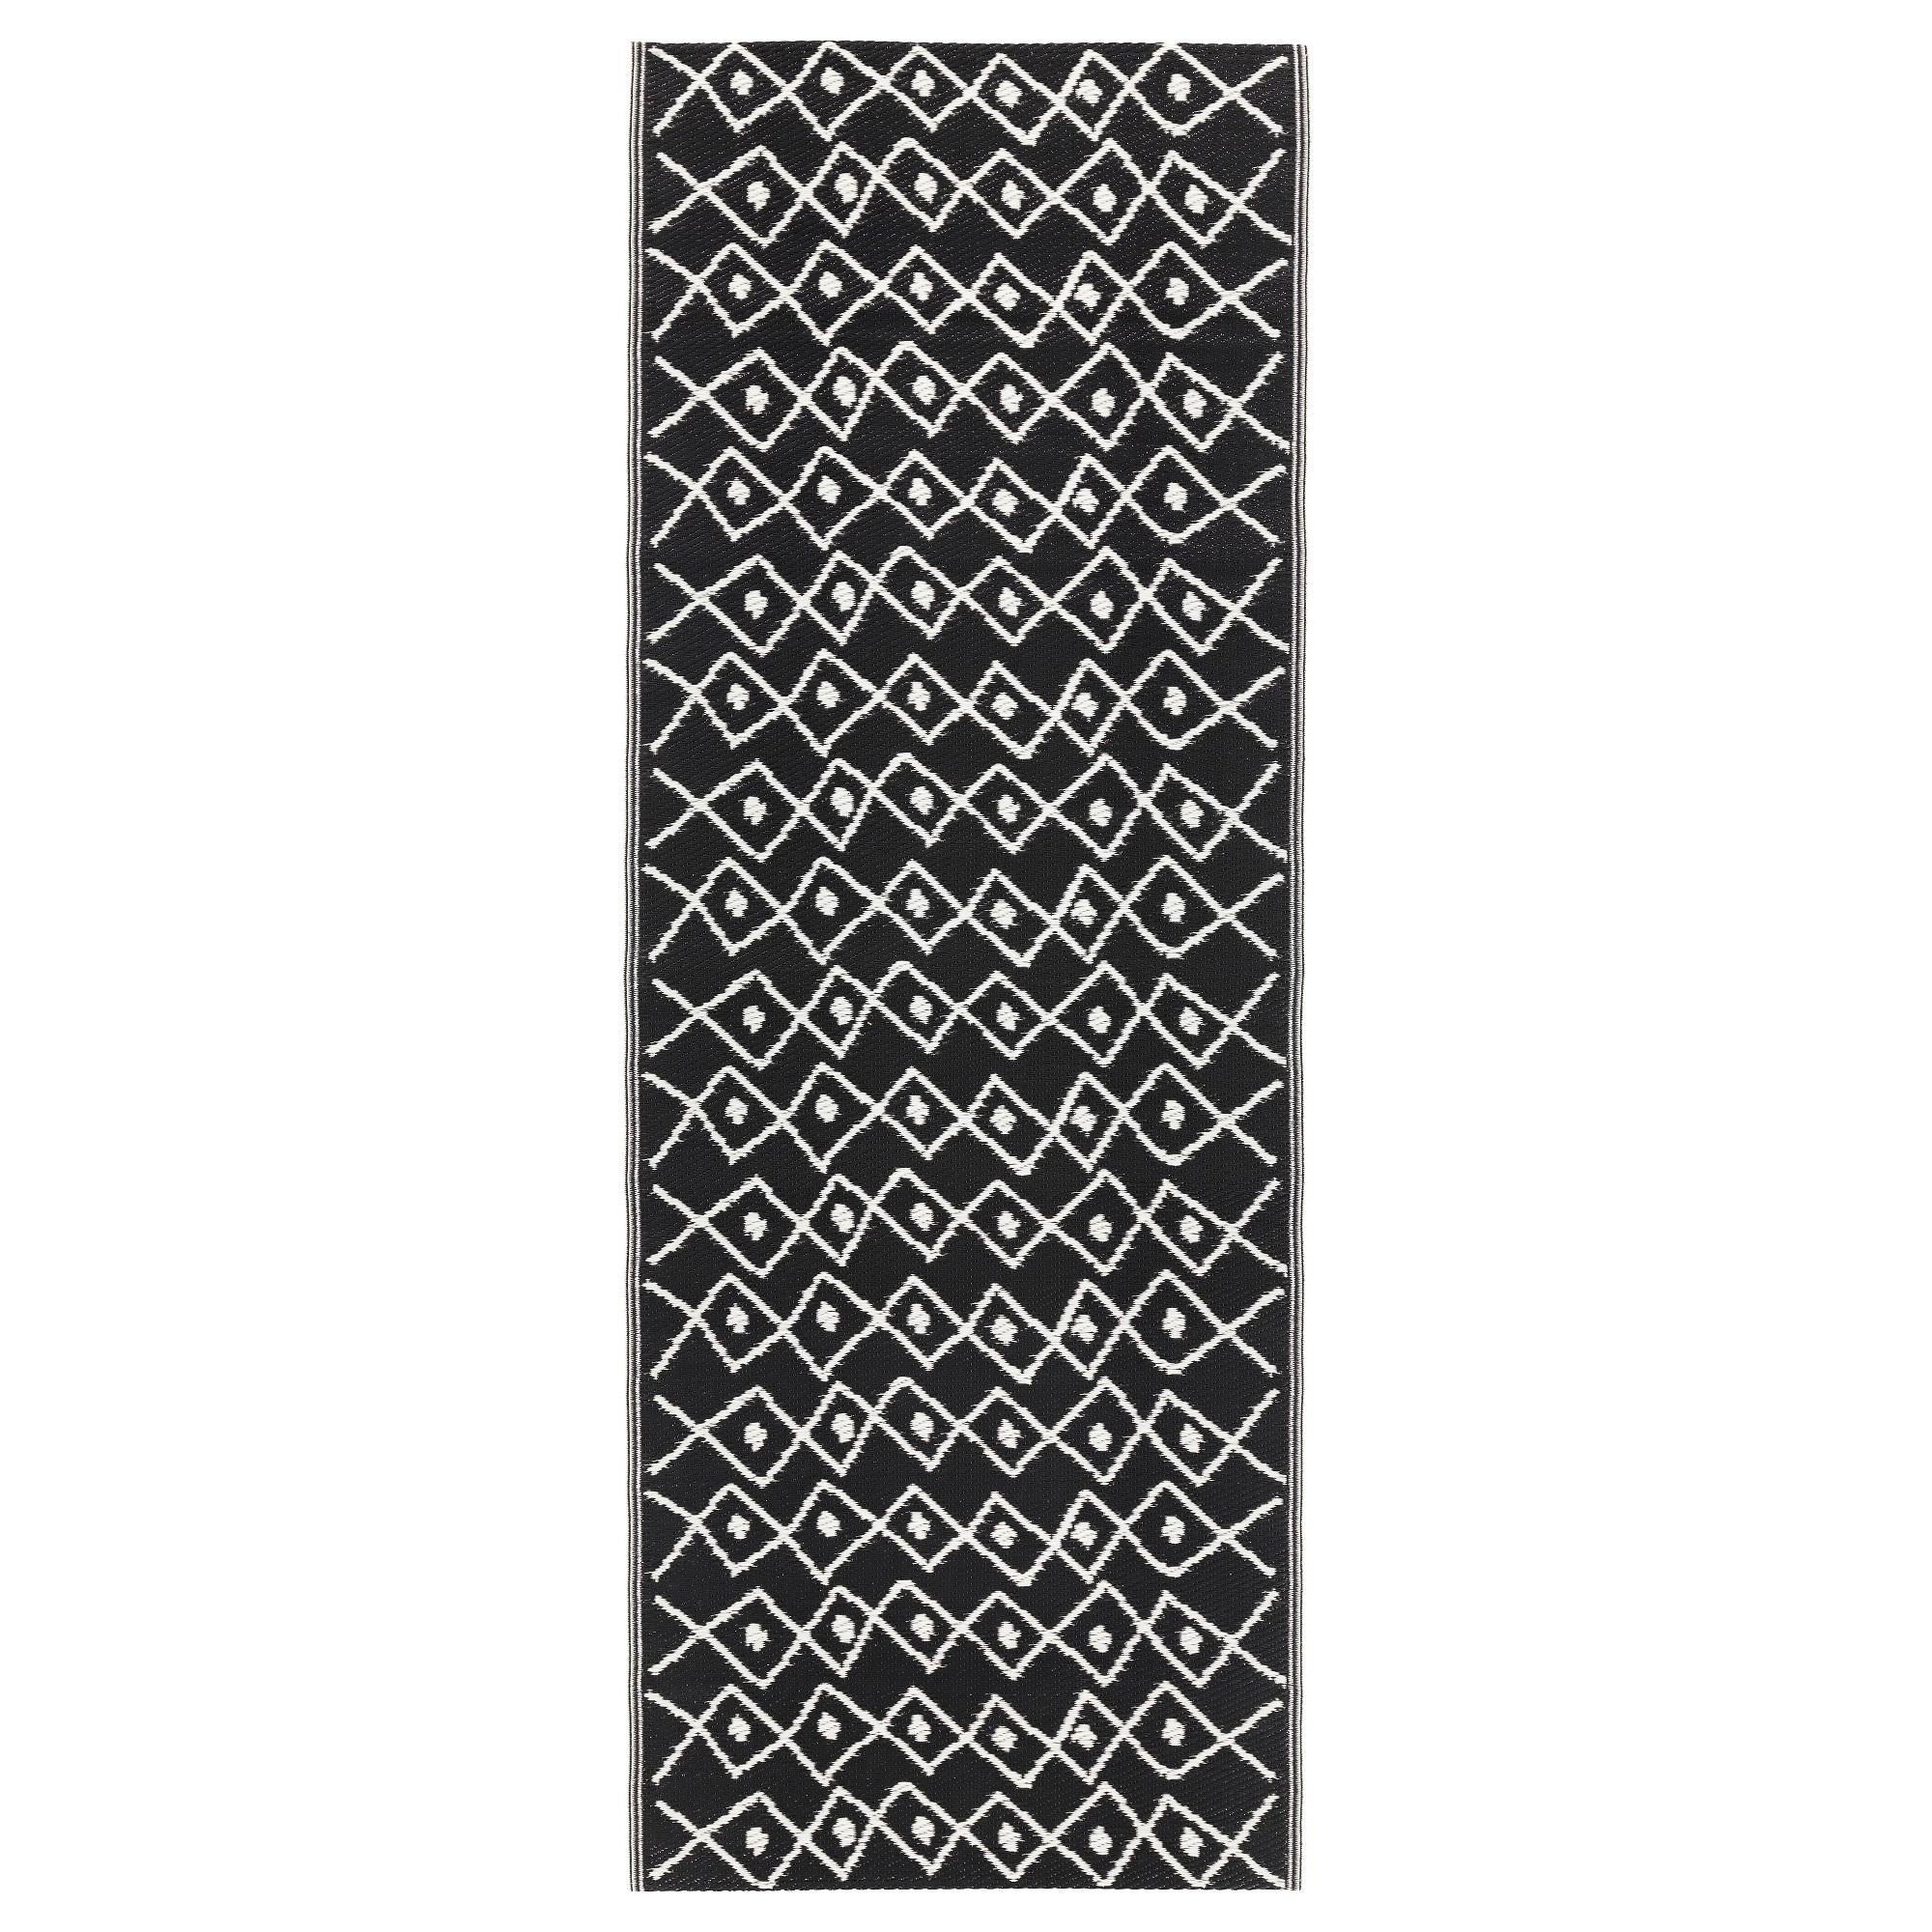 Ковер, безворсовый СОММАР 2017, д/дома/улицы черный, белый (75×200 см)